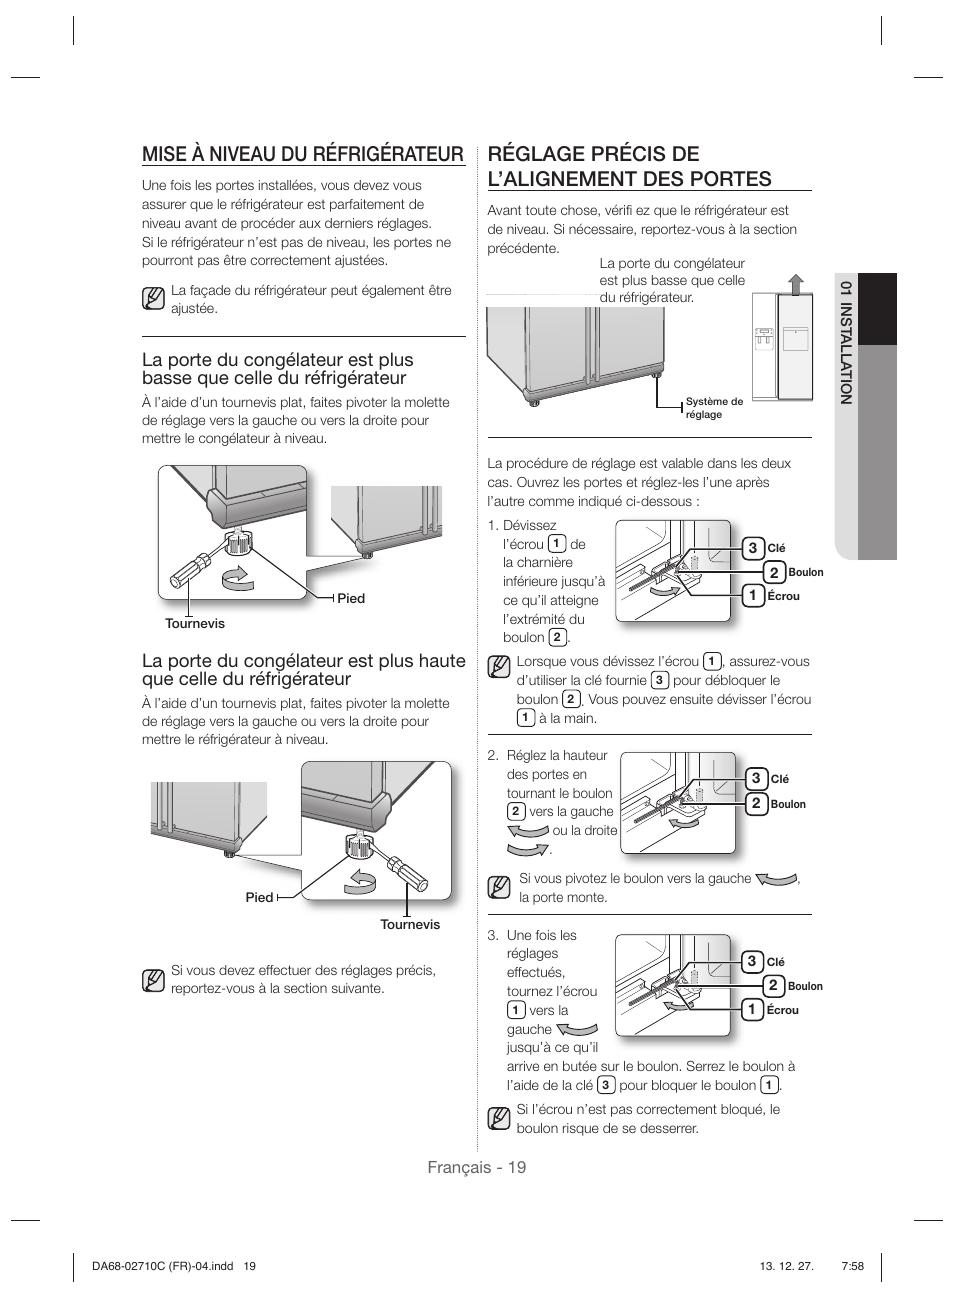 Mise niveau du r frig rateur r glage pr cis de l alignement des portes samsung rs7567thcsp - Refrigerateur une porte ...